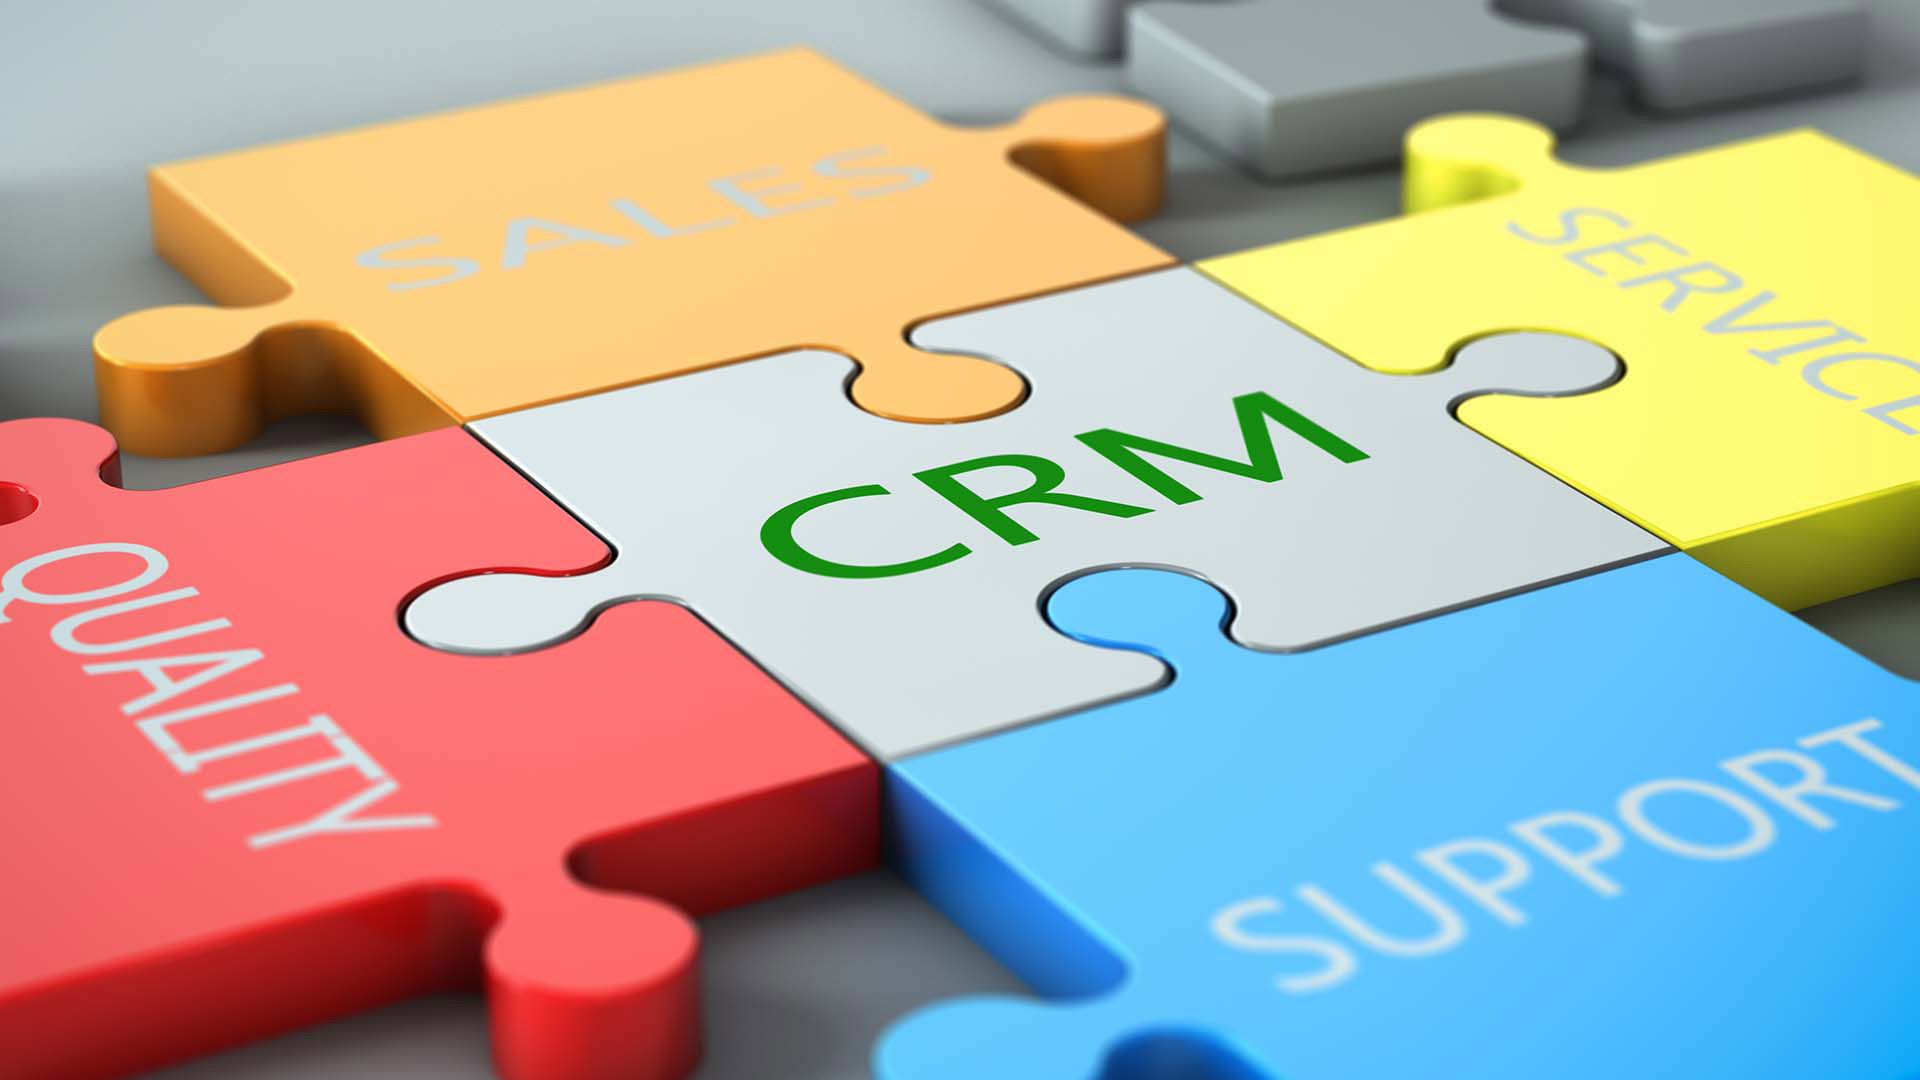 Бесплатный вебинар: Как исправить неудачное внедрение CRM? Опыт внедрения AmoCRM и Битрикс24